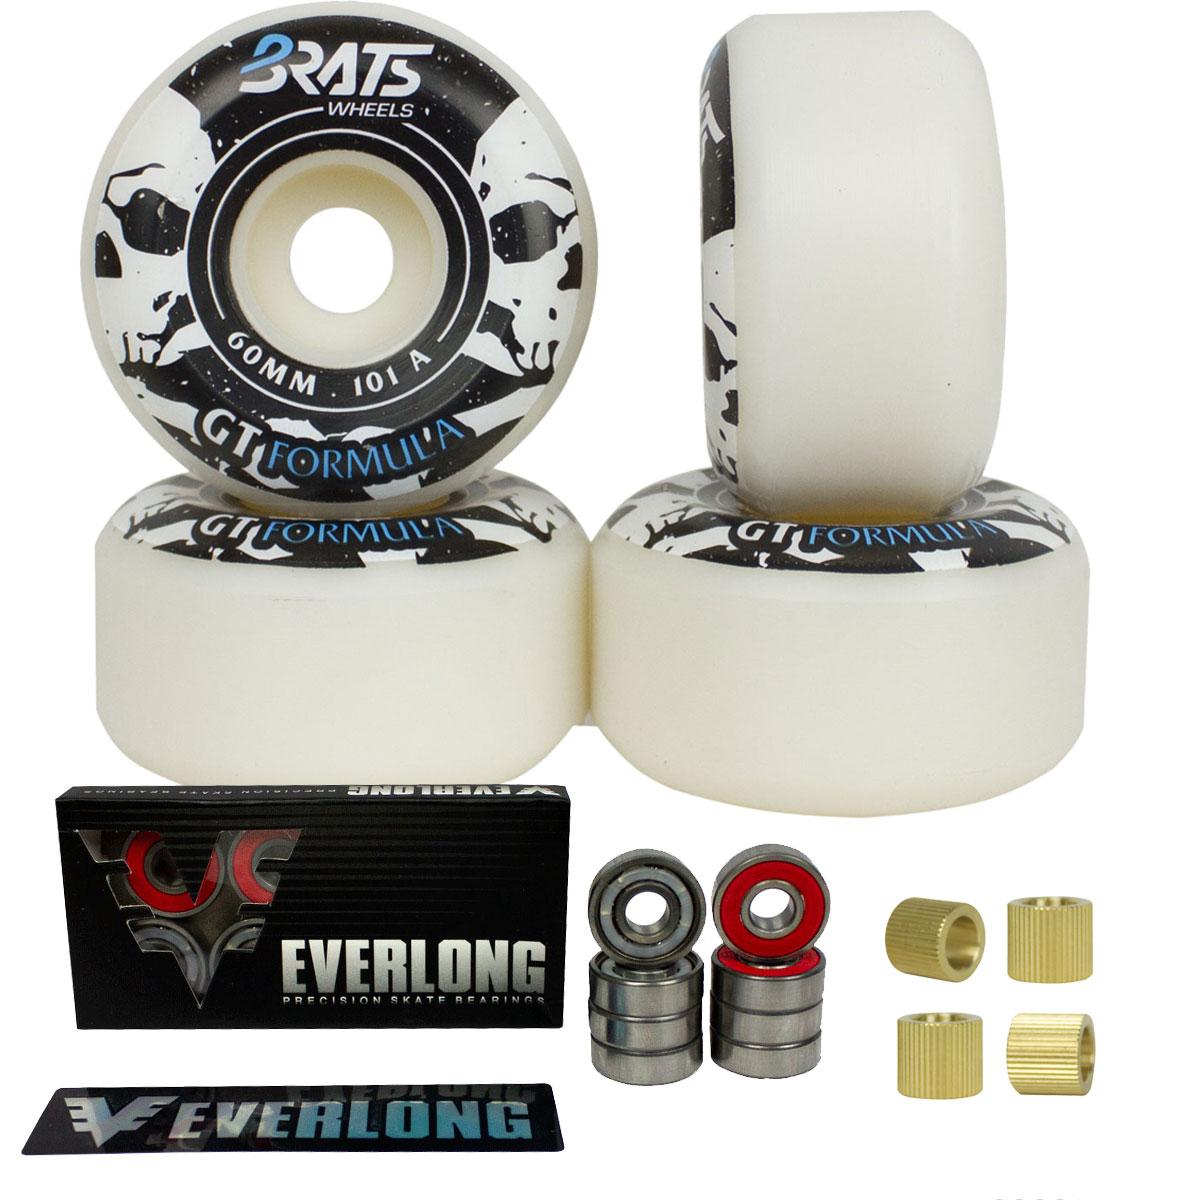 Roda Skate Brats 101A 60mm Rolamento Everlong  e Espaçadores